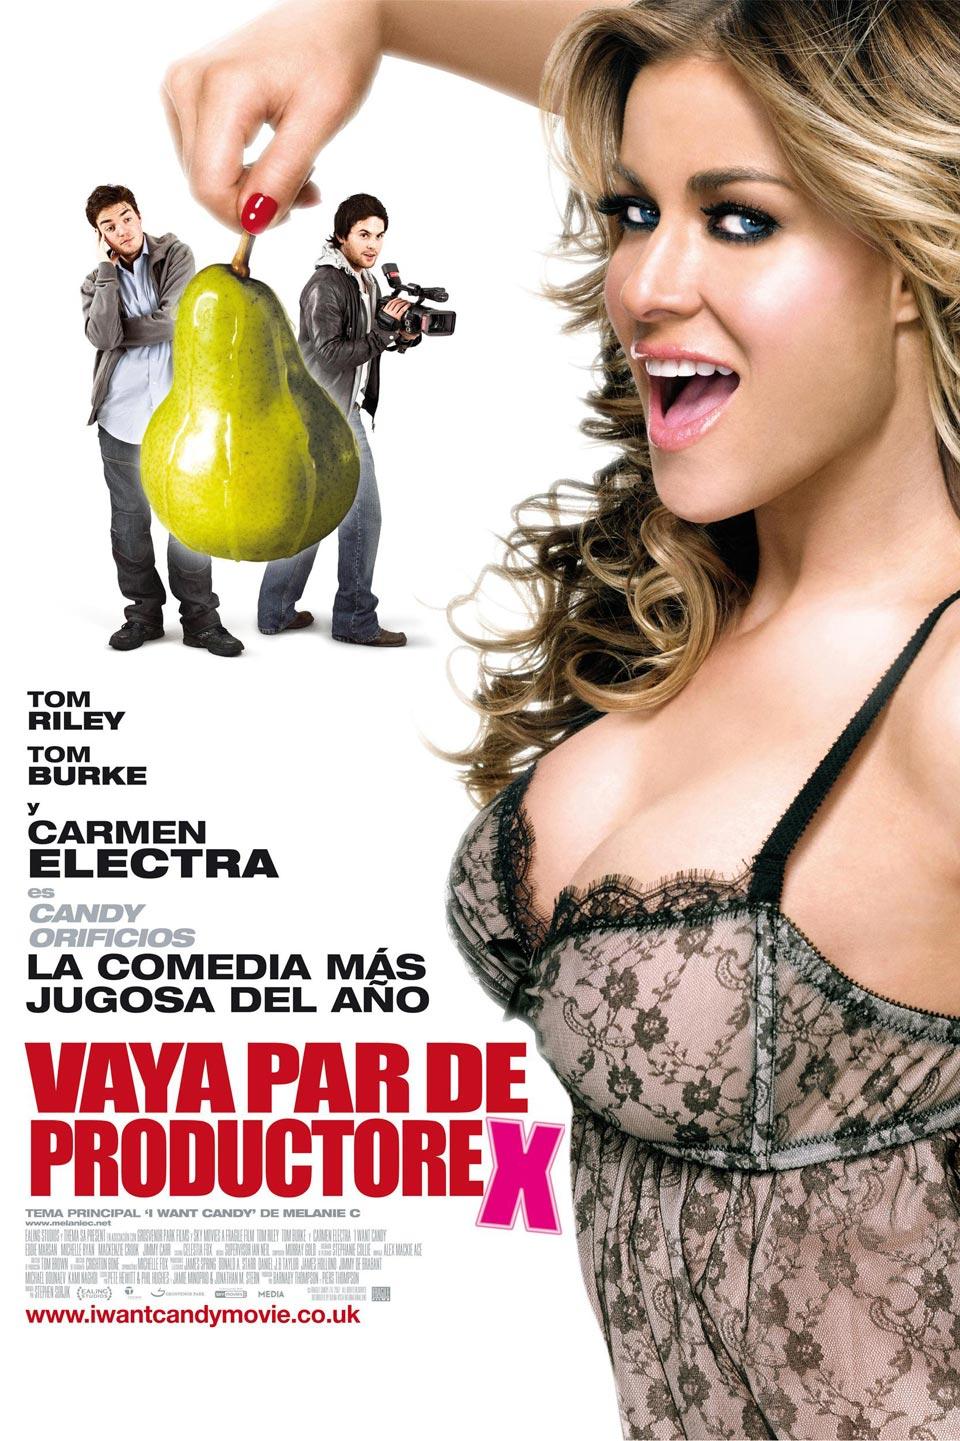 Peliculas De Porno Comedia vaya par de productorex: películas similares - sensacine